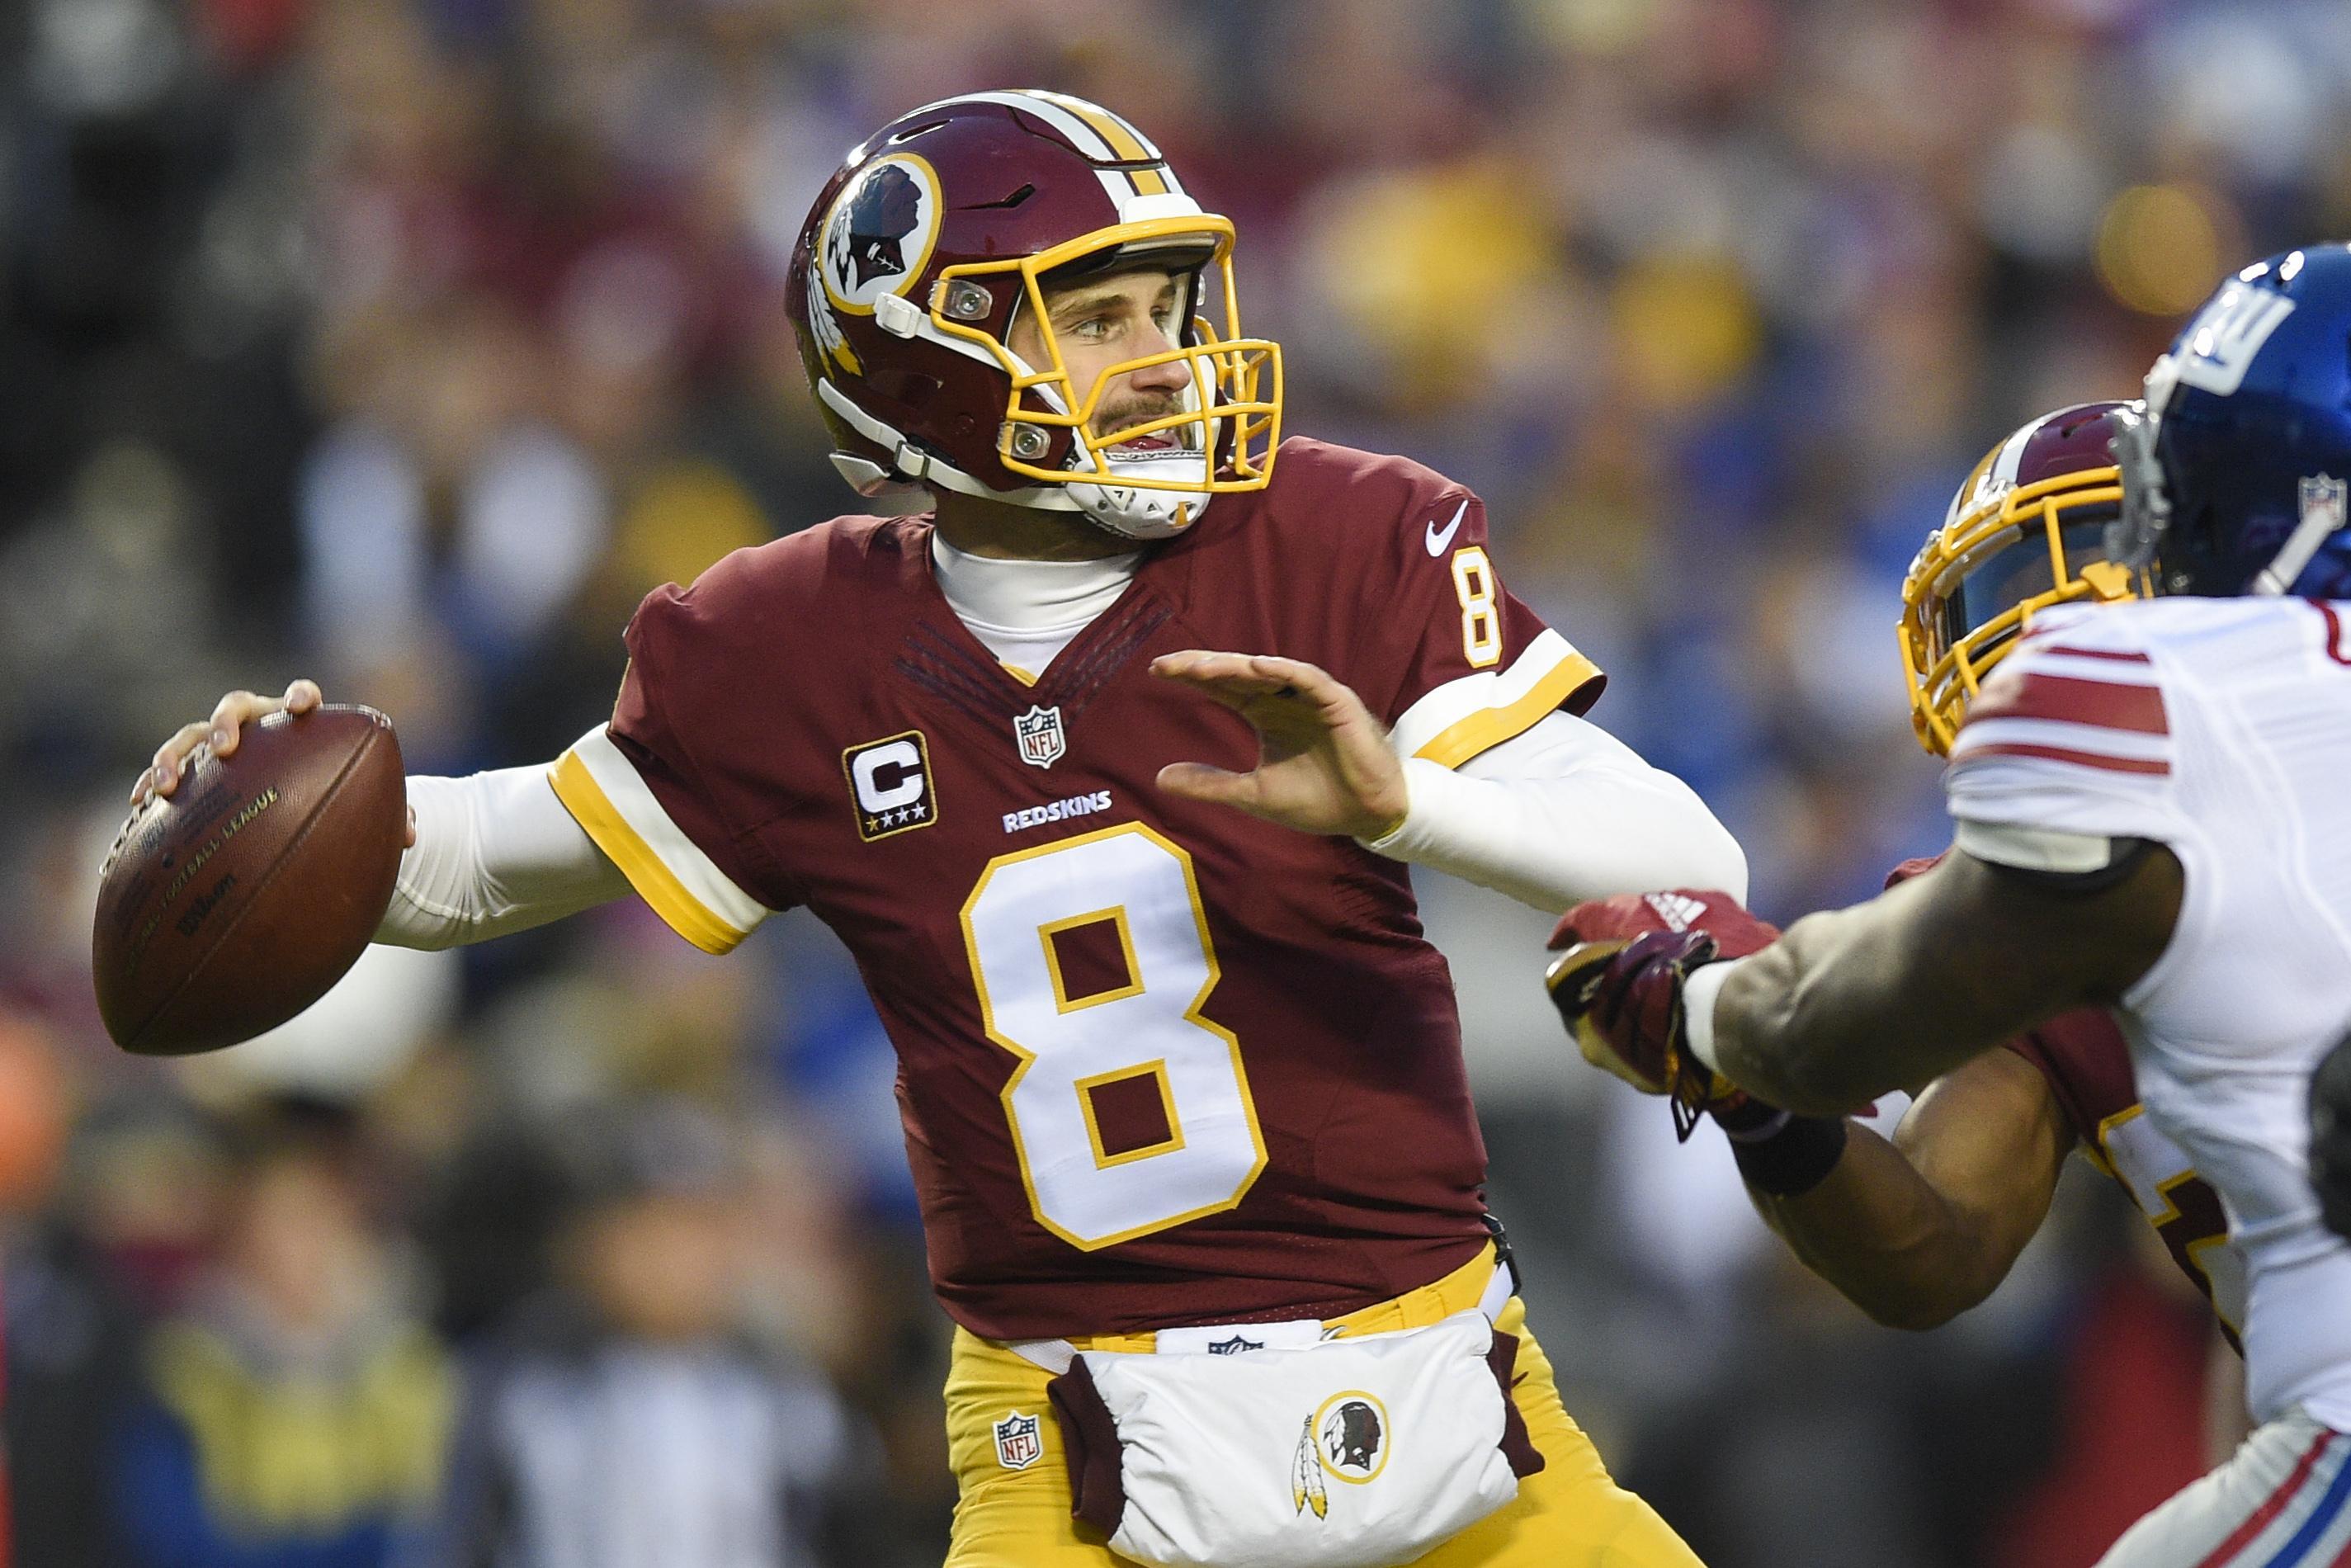 Redskins_football_schaffer_79256